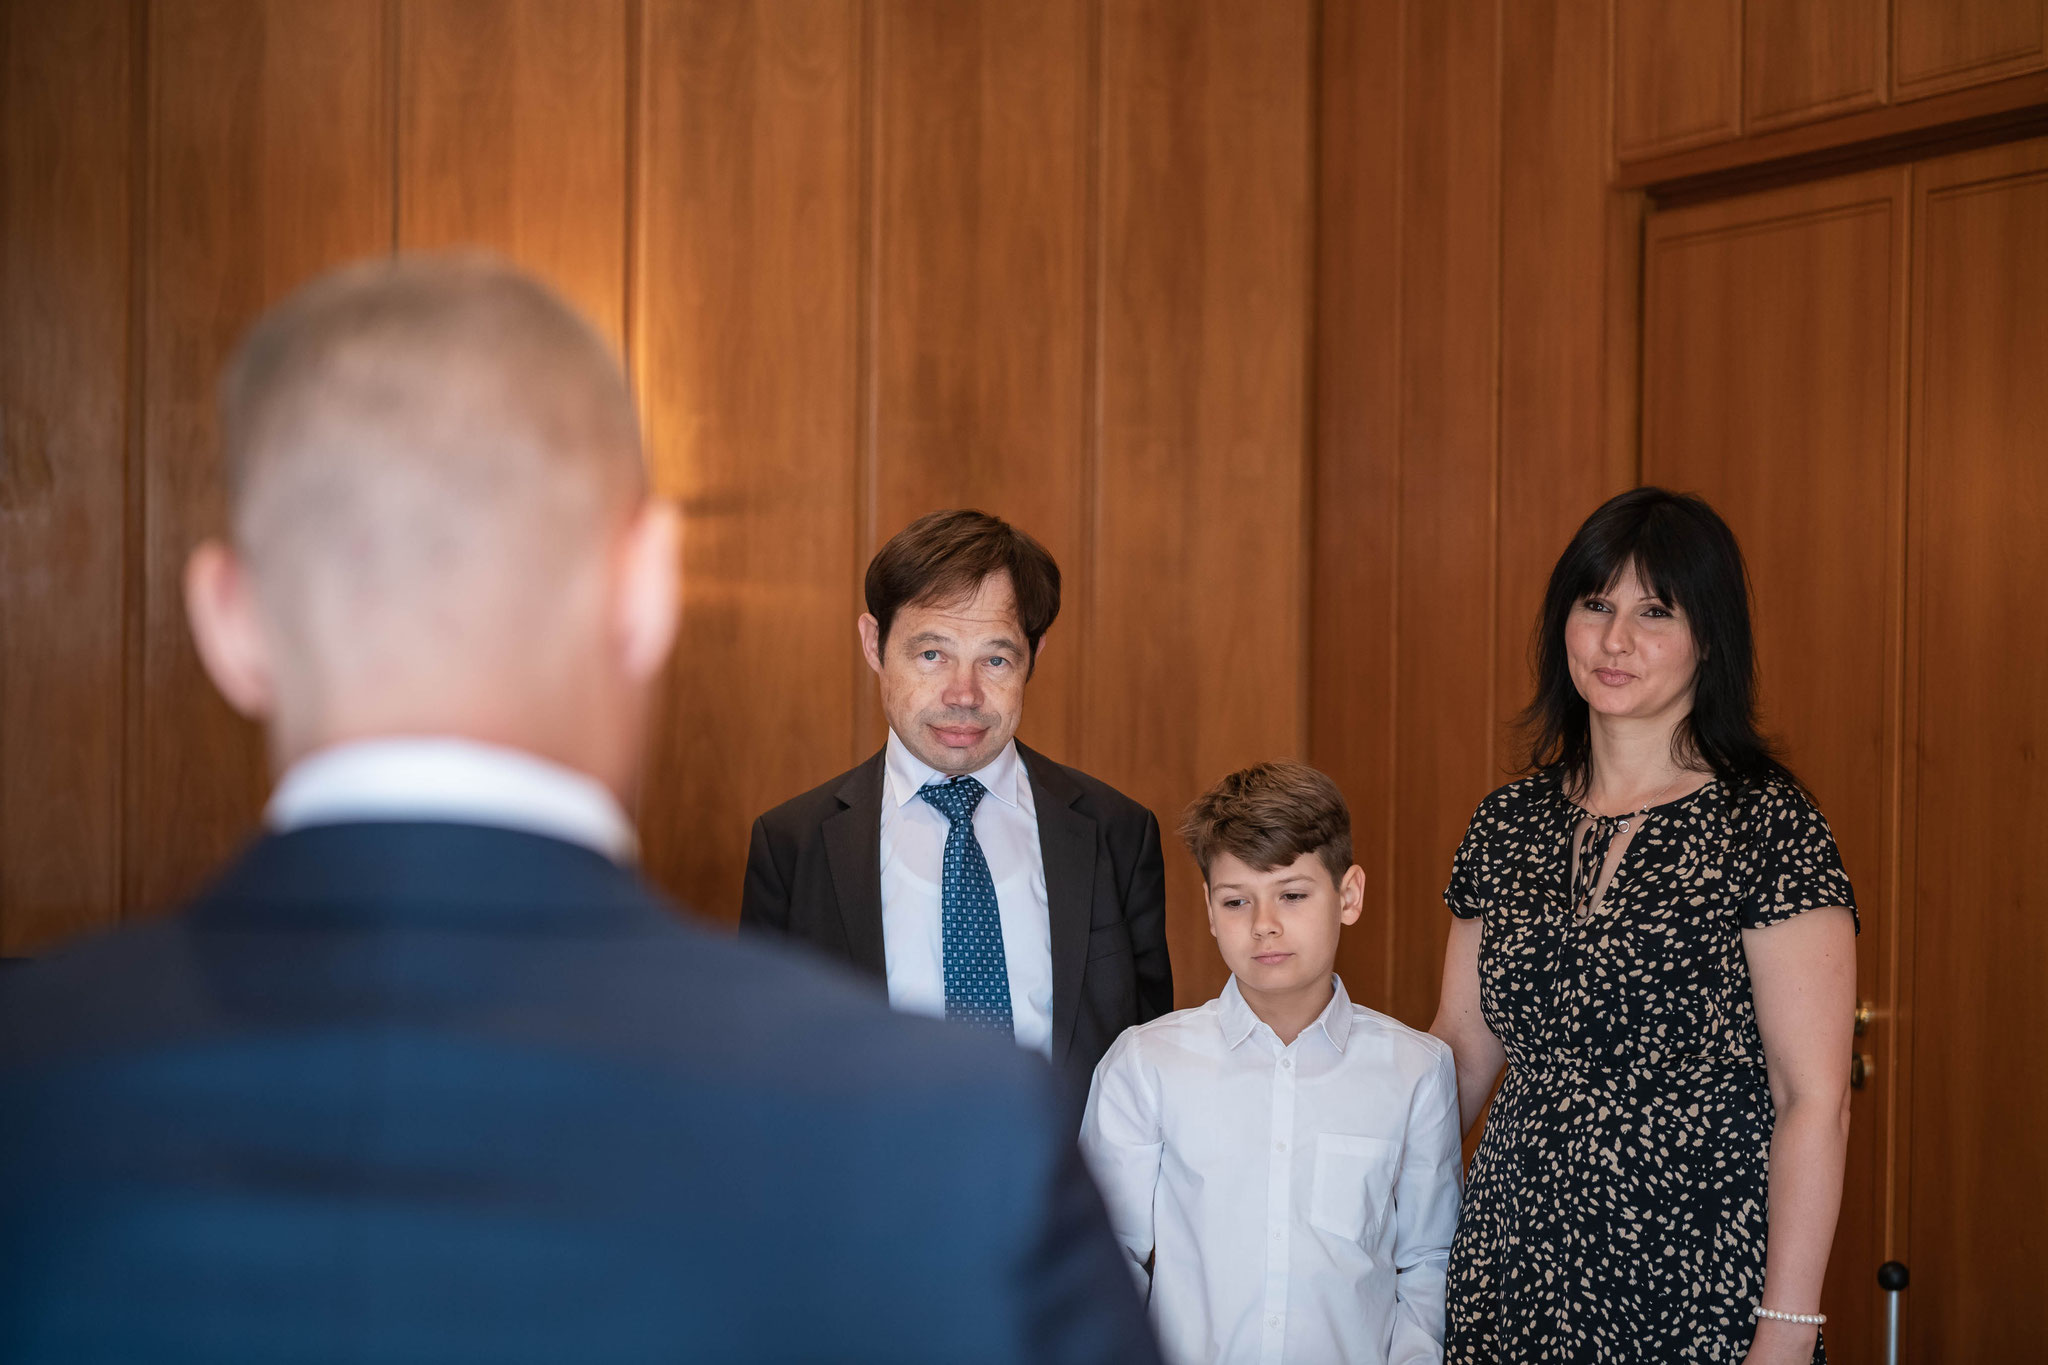 Bräutigam hält eine rührende Rede vor den Eltern der Braut